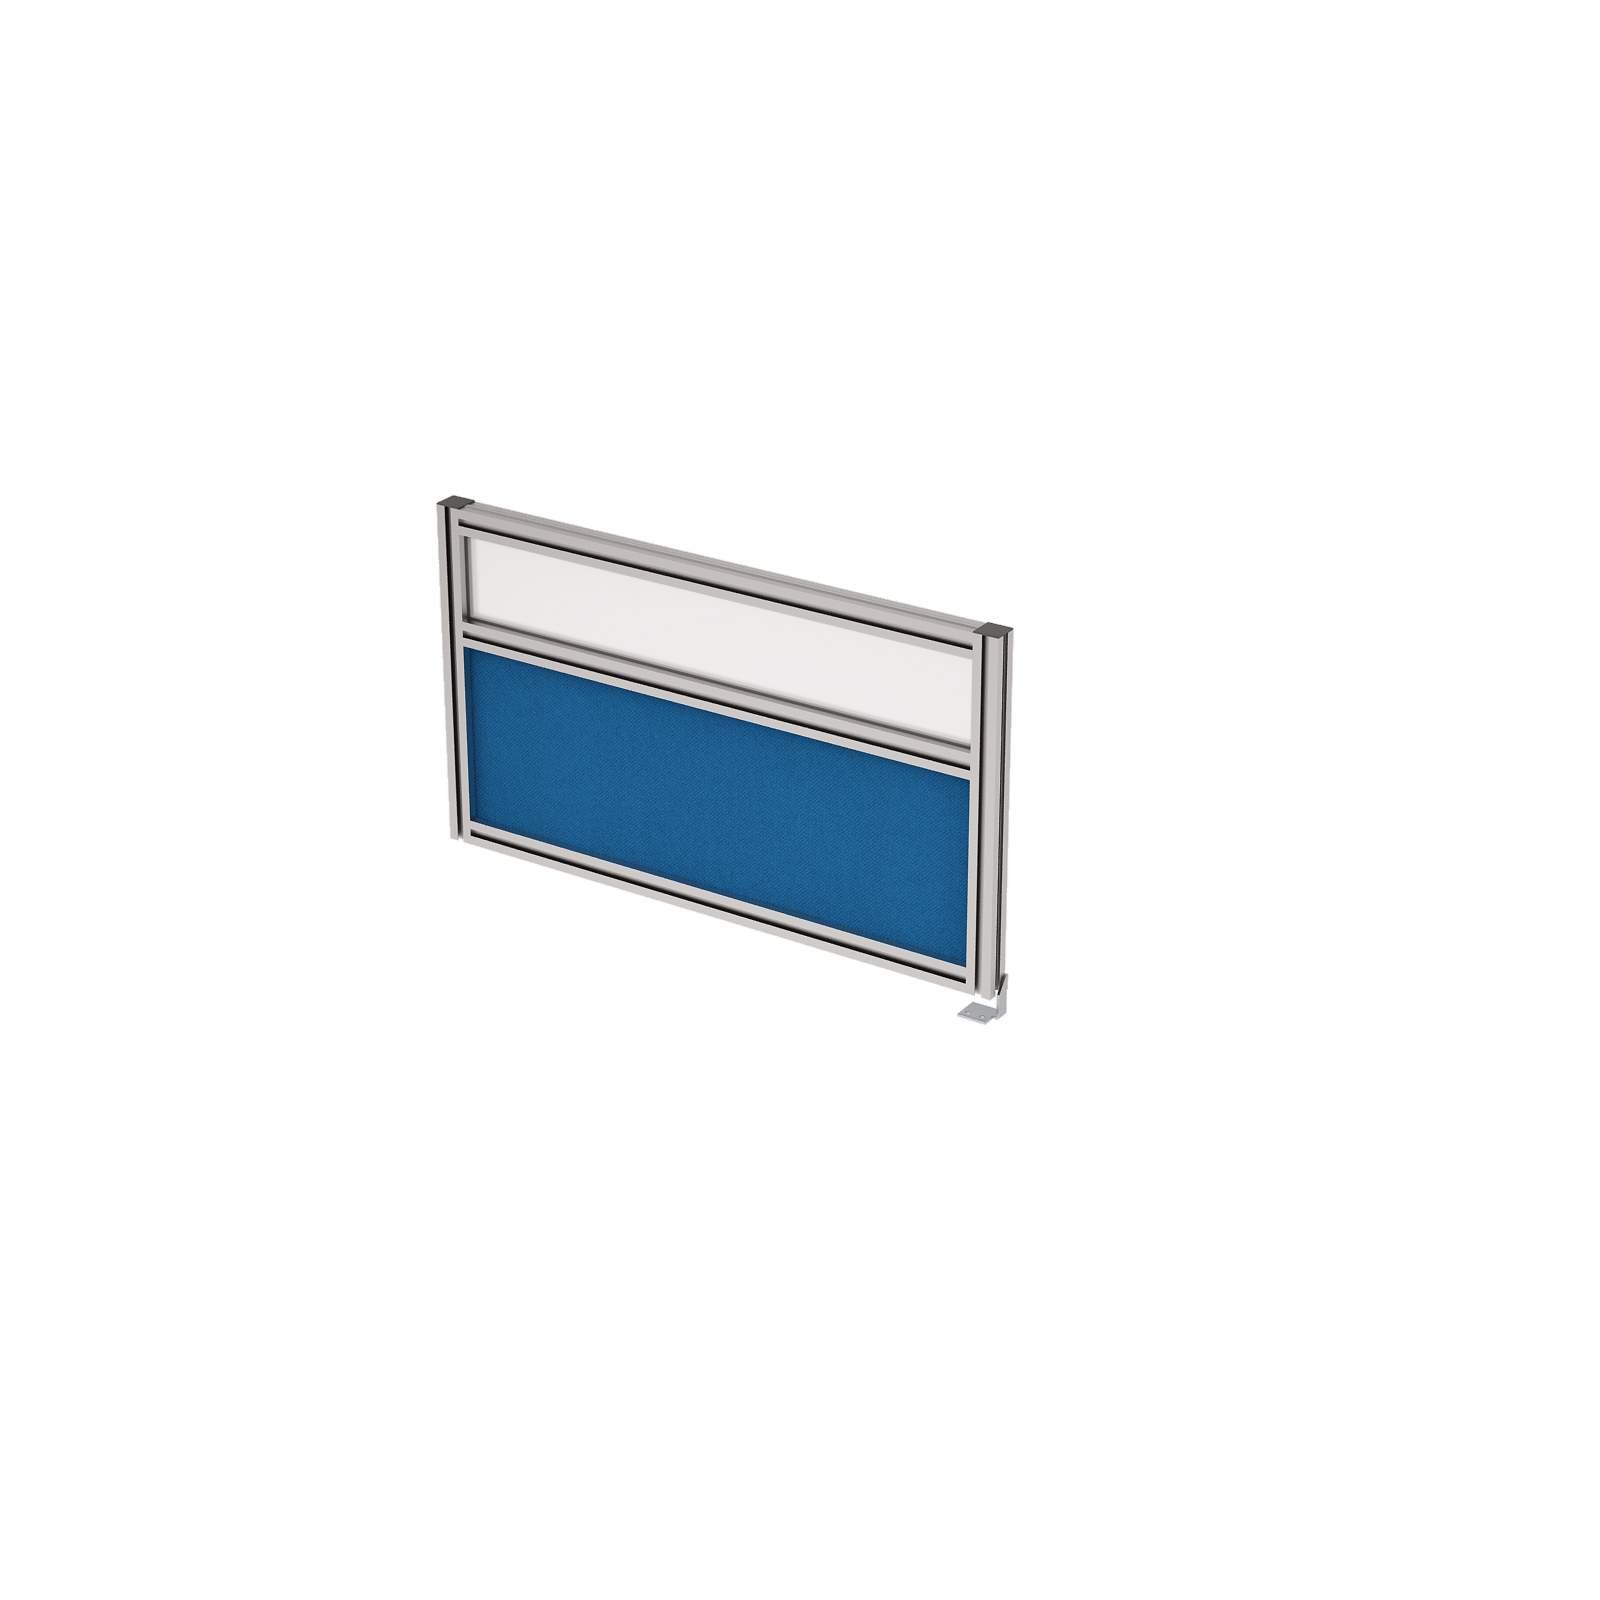 Барьер боковой в алюминиевом профиле, вставка стекло матовое, ткань 700х400х29